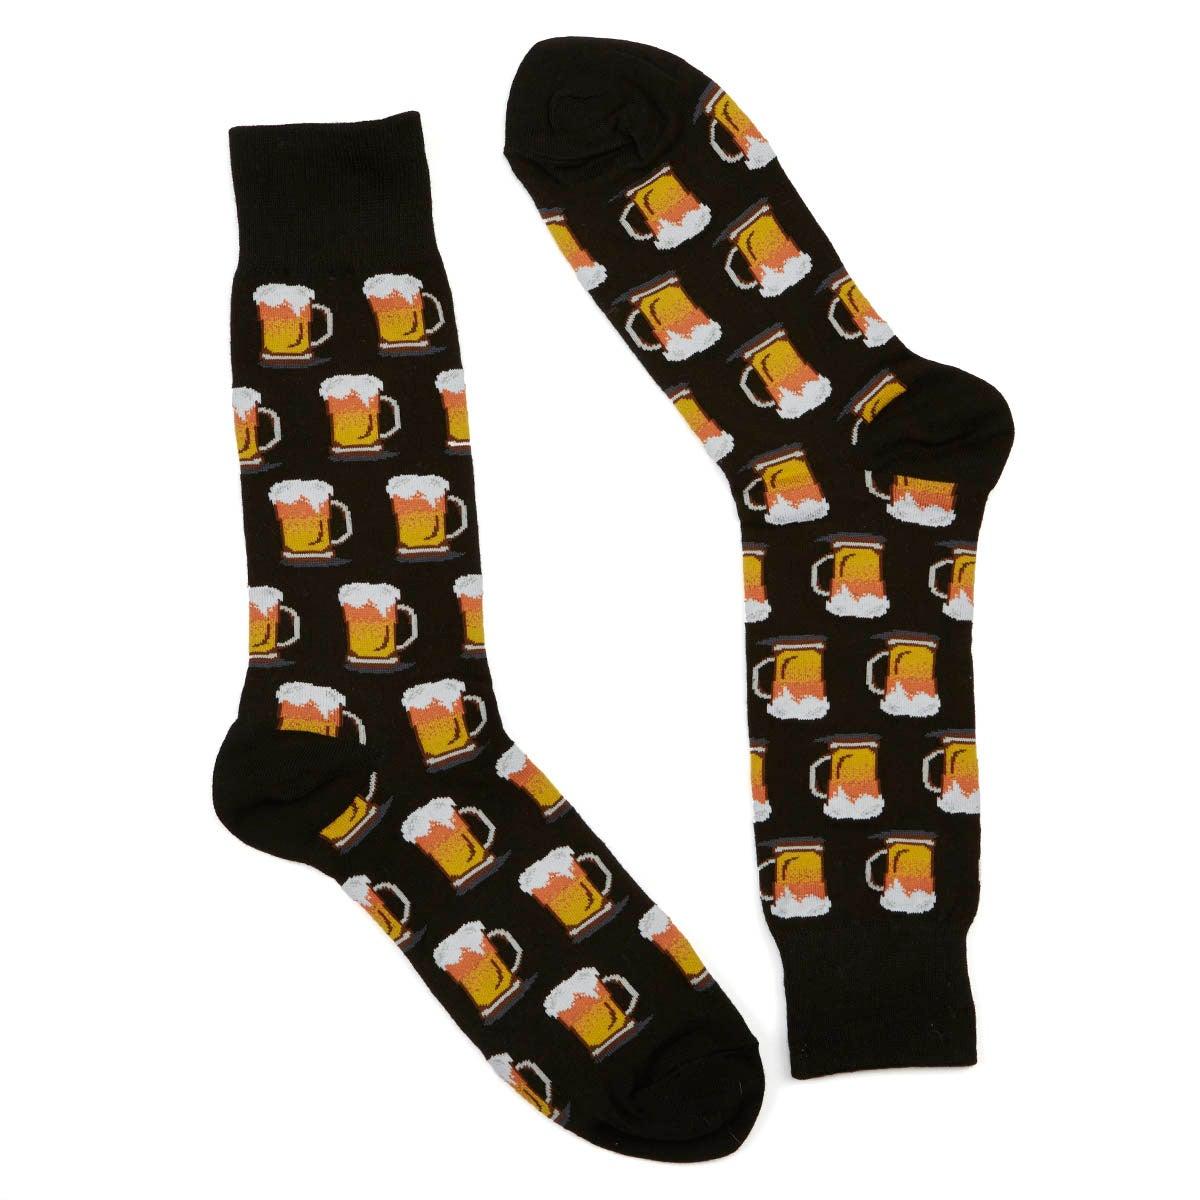 Men's BEER black printed socks